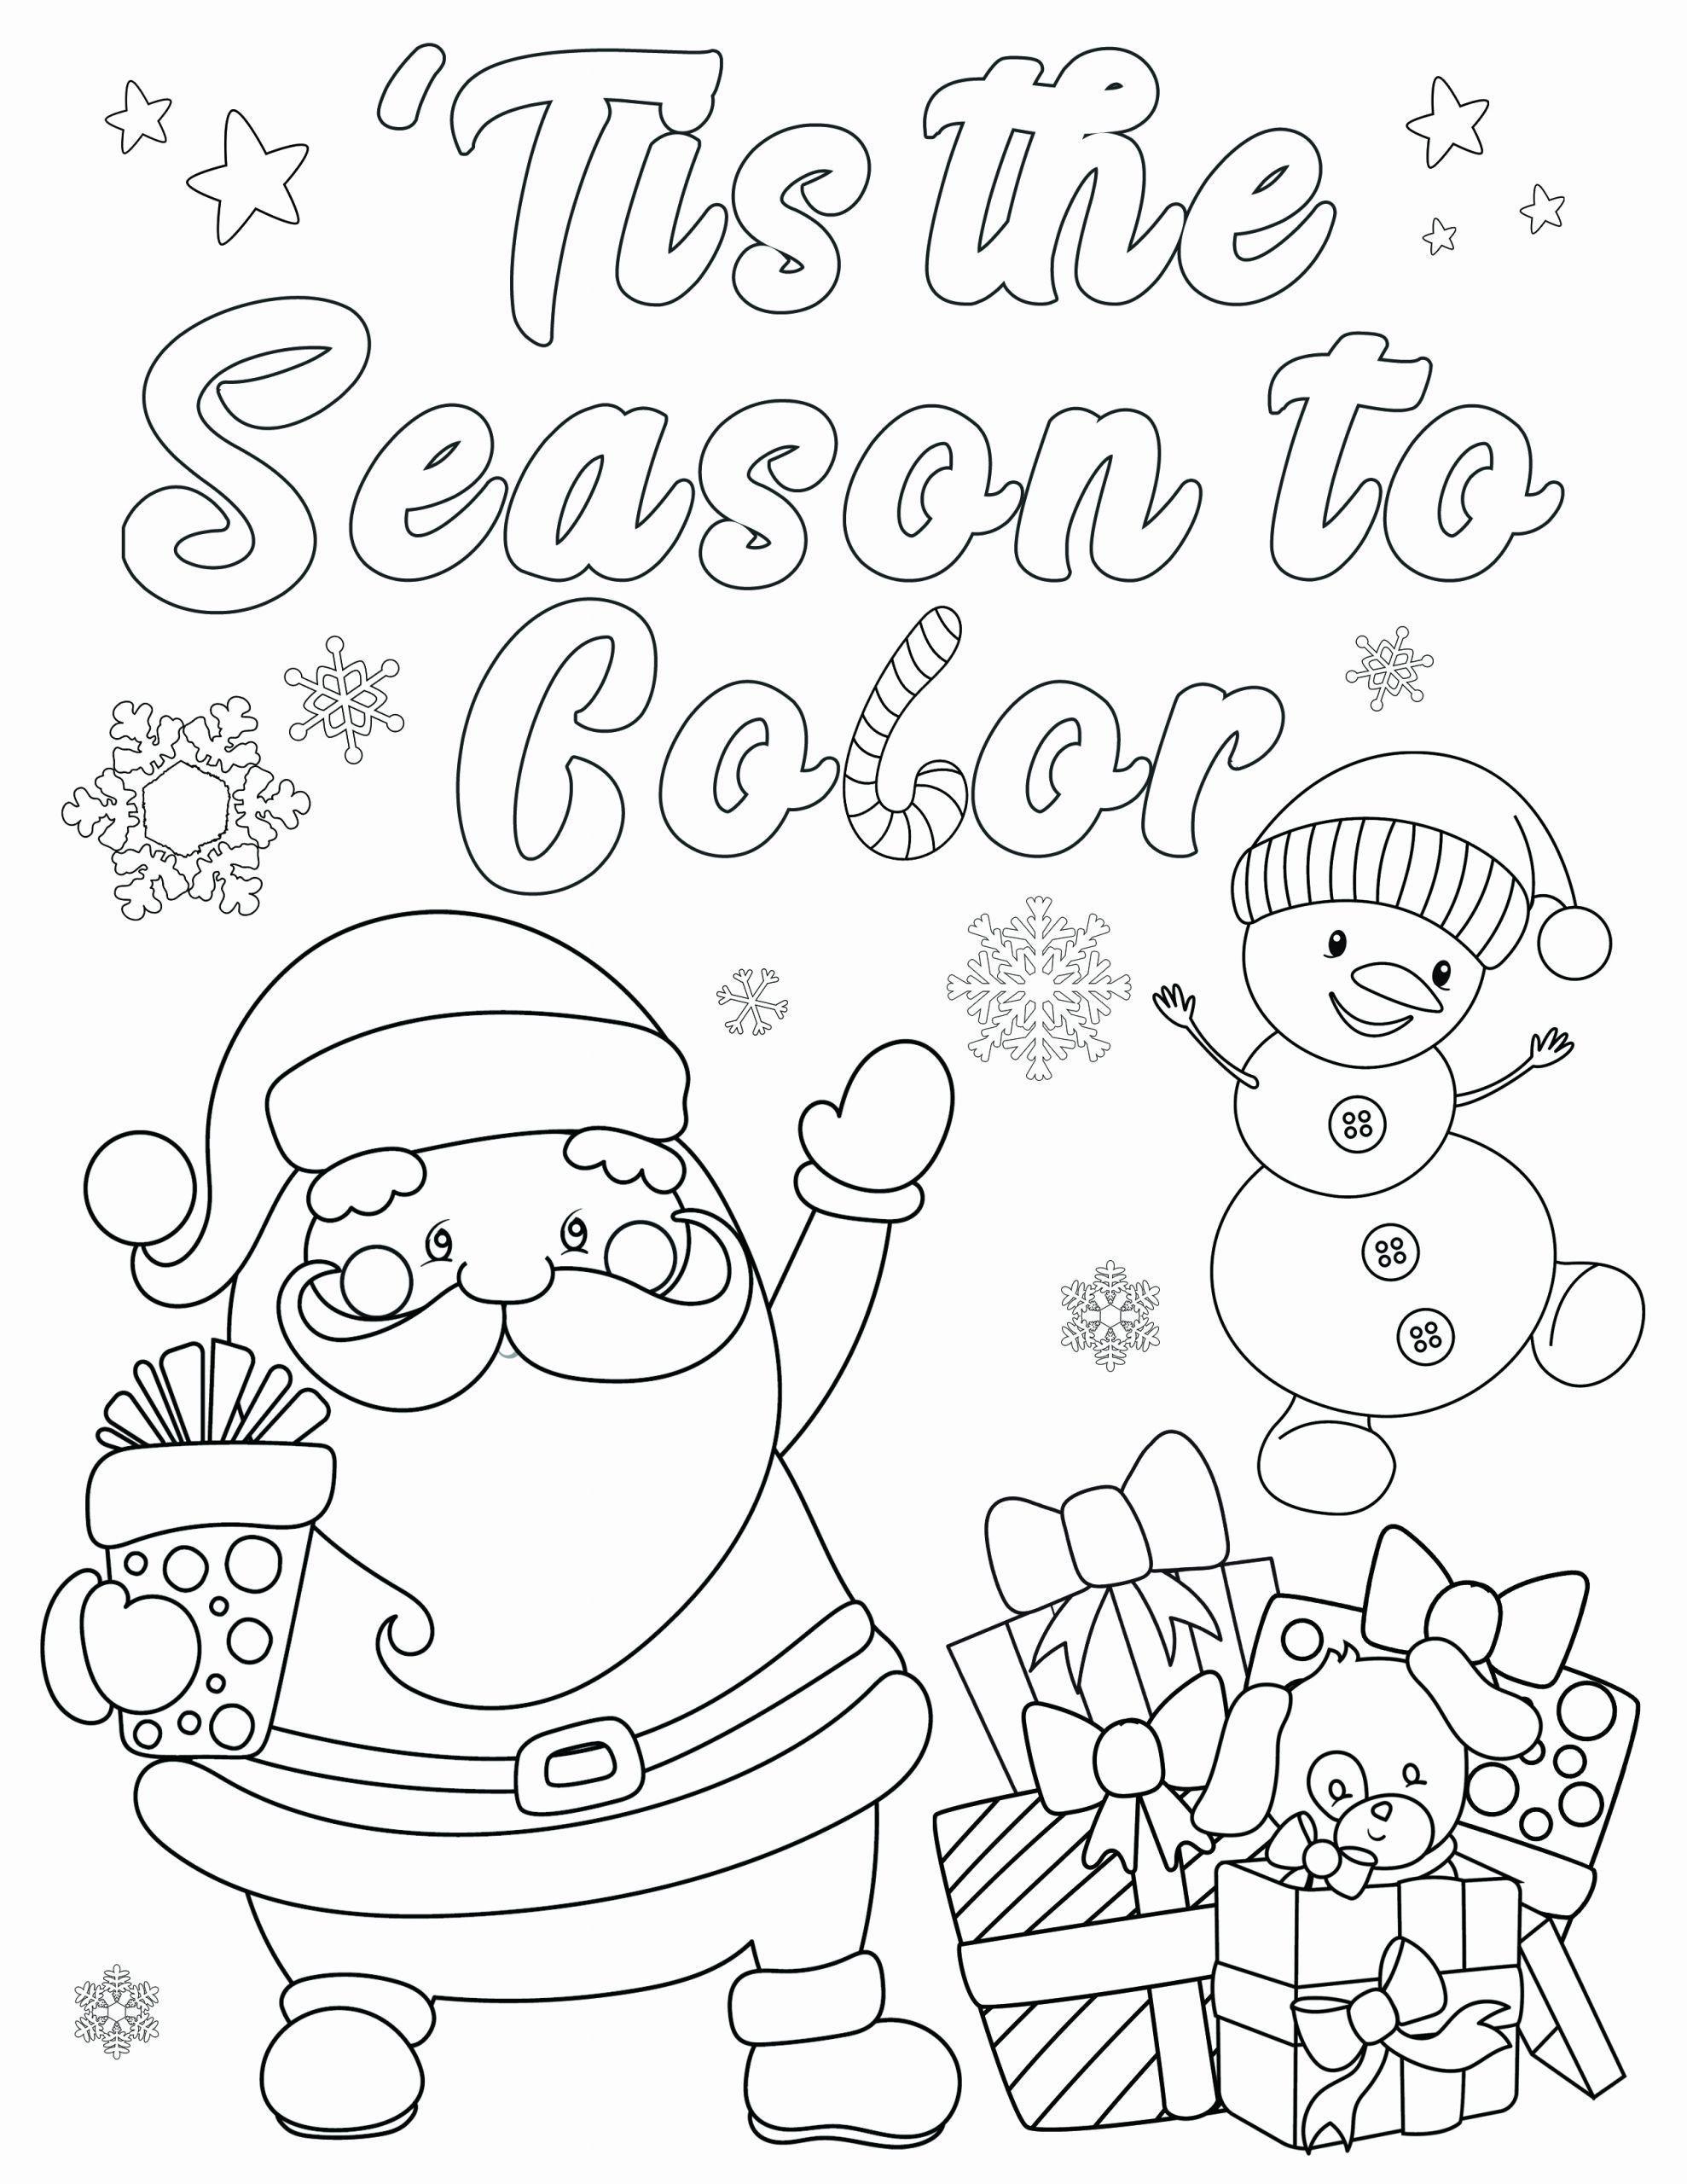 Urlaub Malvorlagen Bilder Ausdrucke Luxus Kostenlos Weihnachten Malvorlagen Tis The Bes Weihnachtsmalvorlagen Weihnachten Zum Ausmalen Weihnachtsfarben